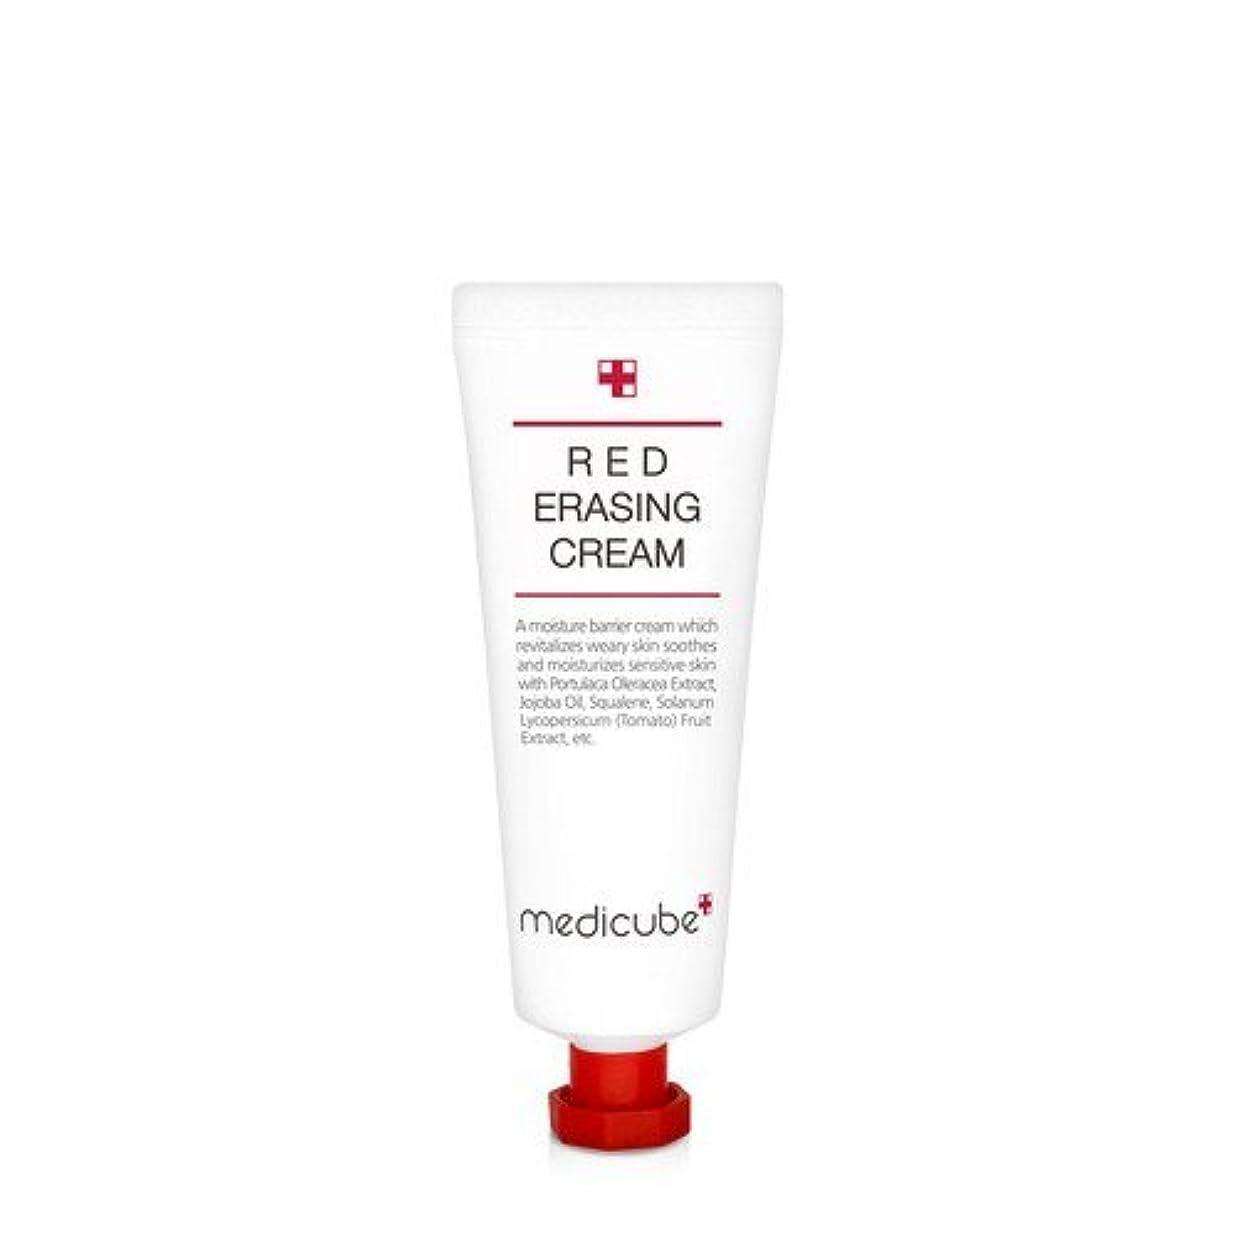 スペイン語怖がって死ぬ氏[Medicube]Red Erasing Cream 50g / メディキューブレッドイレイジングクリーム / 正品?海外直送商品 [並行輸入品]